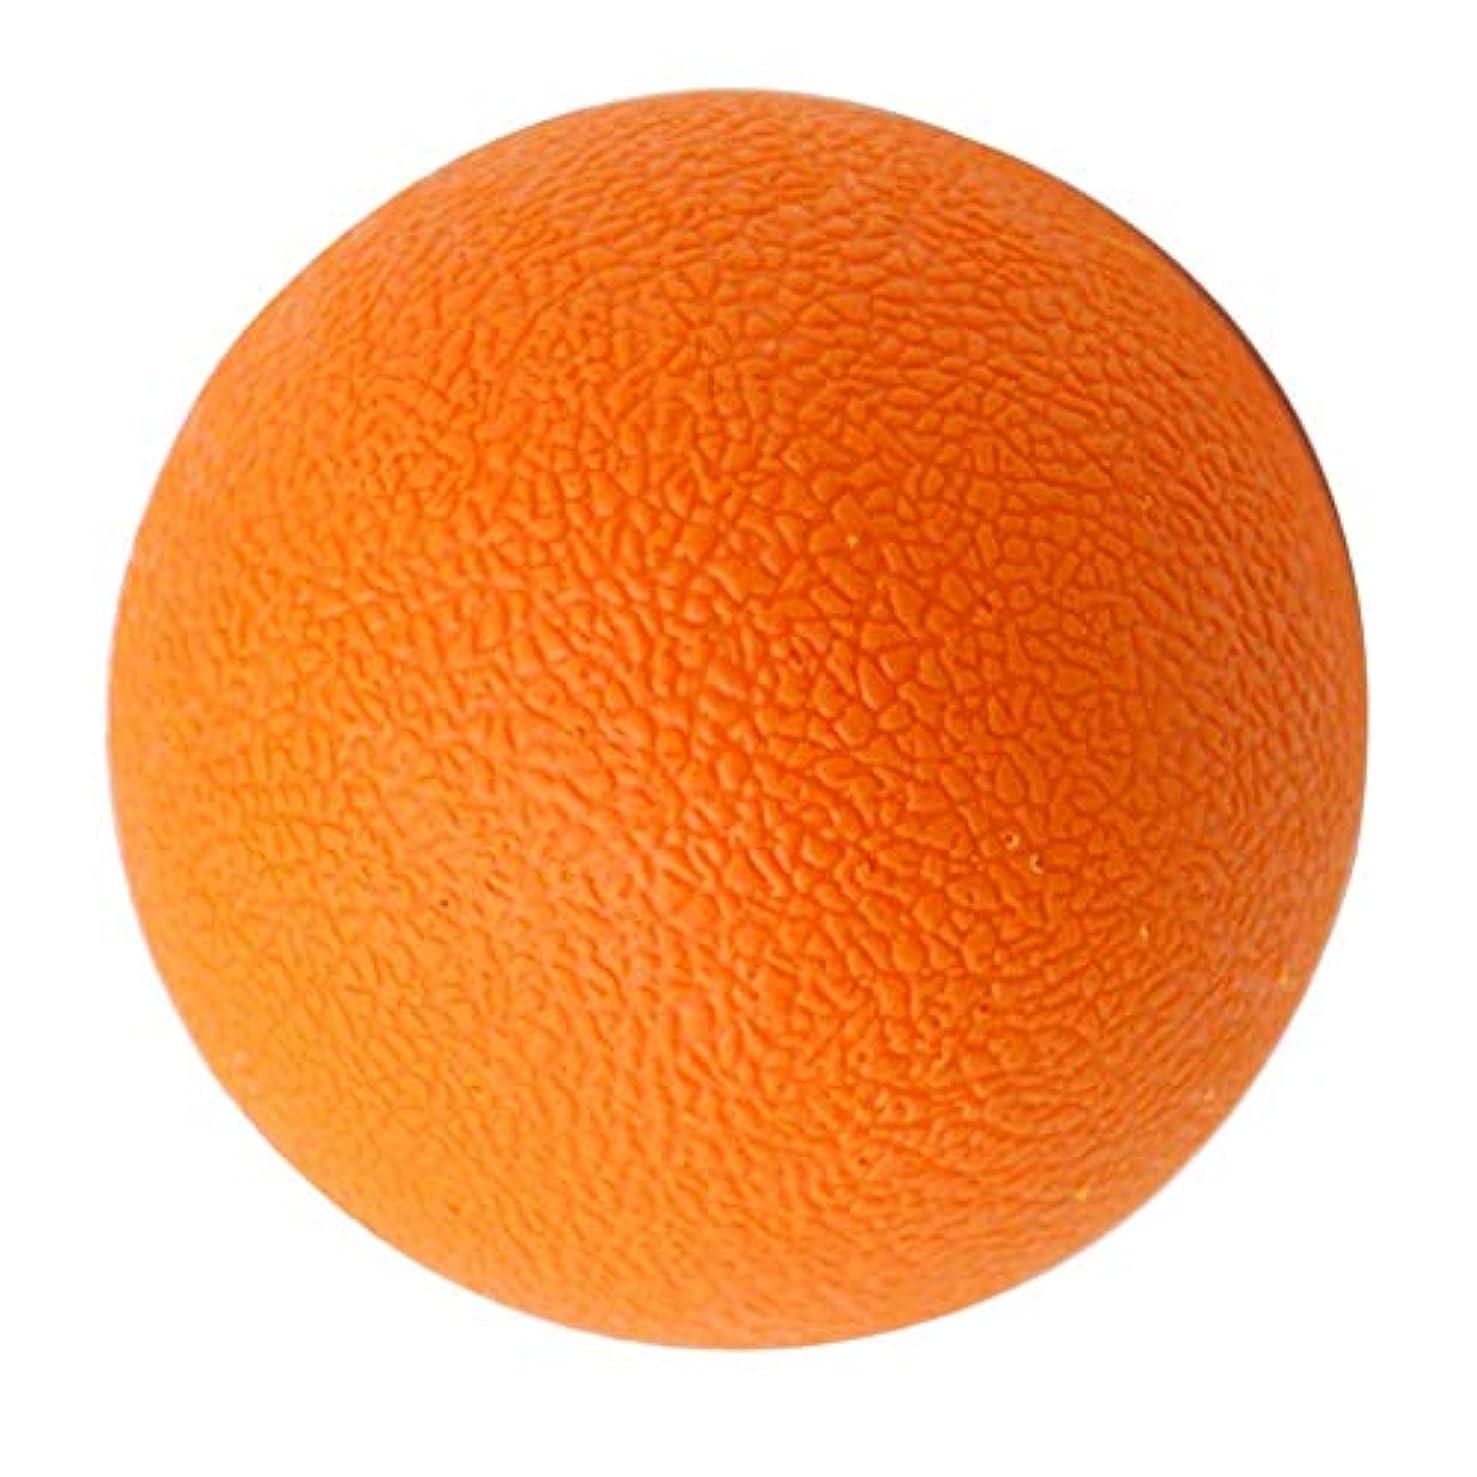 医学め言葉カールCUTICATE ラクロスボール マッサージボール トリガーポイント 筋膜リリース 腕、首、背中 解消 オレンジ